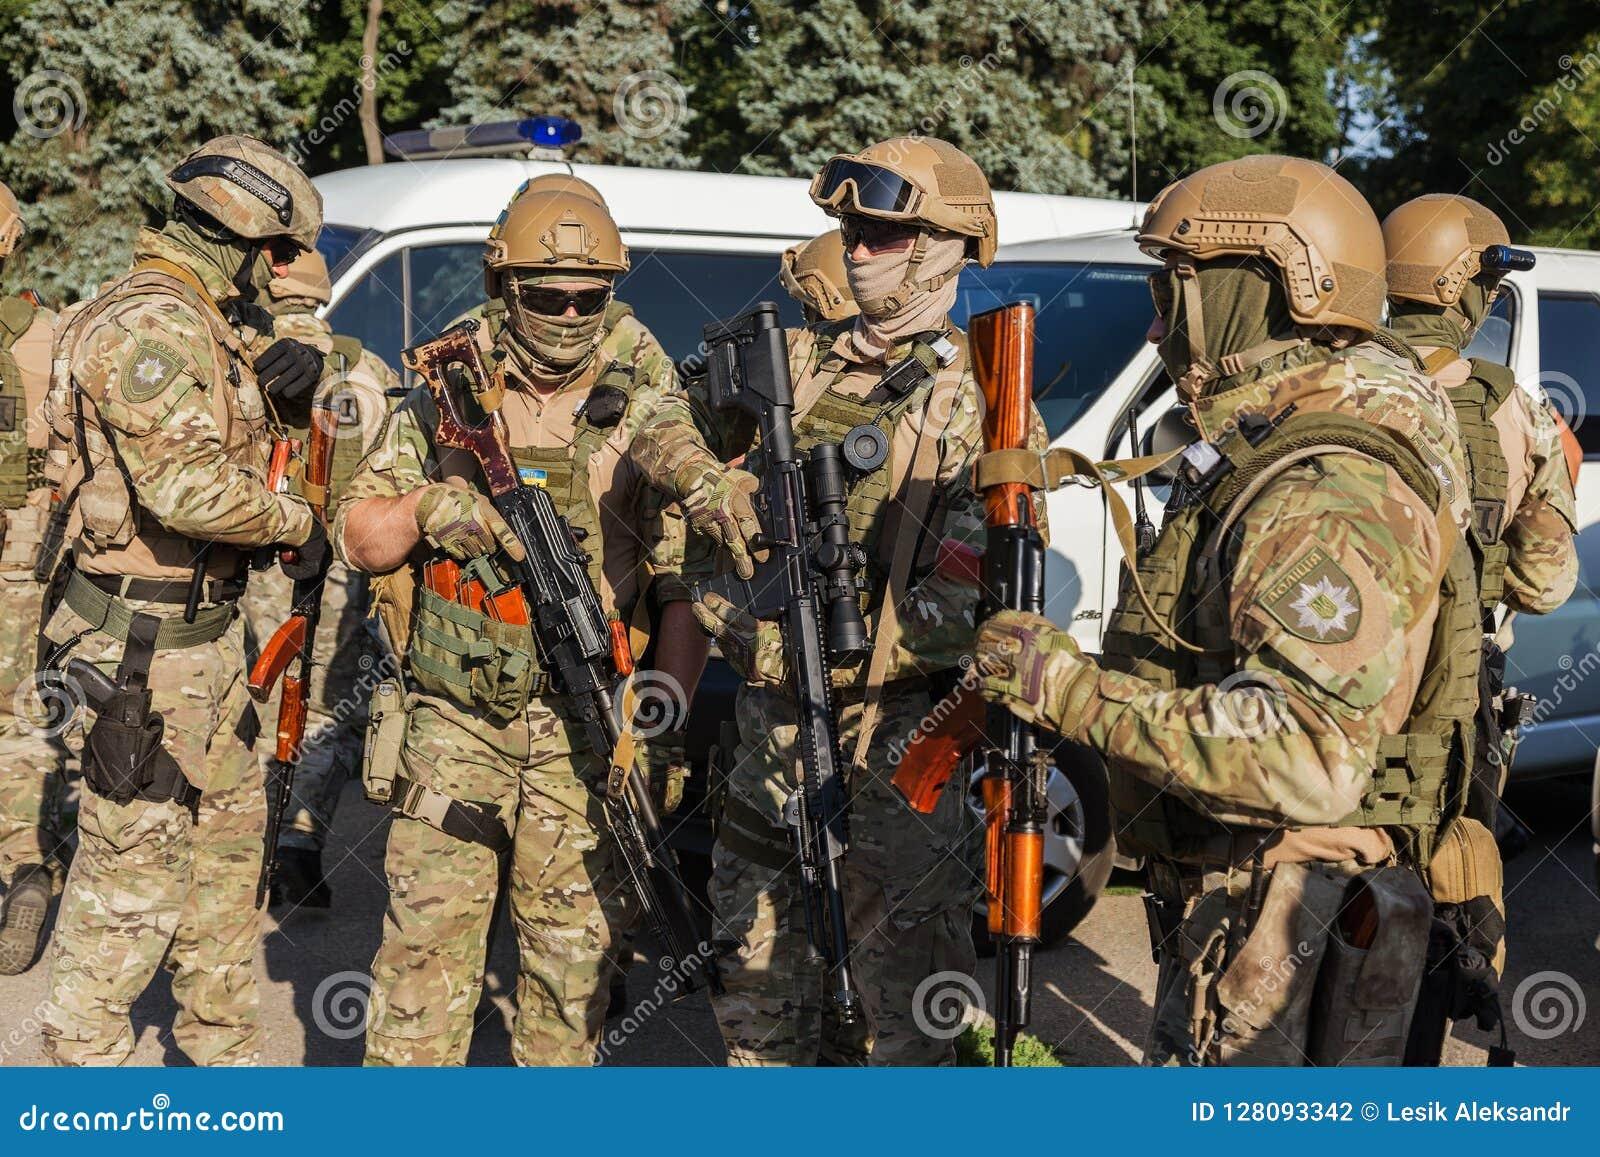 ODESSA, UCRANIA - 1 de agosto de 2018: Las fuerzas especiales de la policía ucraniana en las filas en combate completo forman con